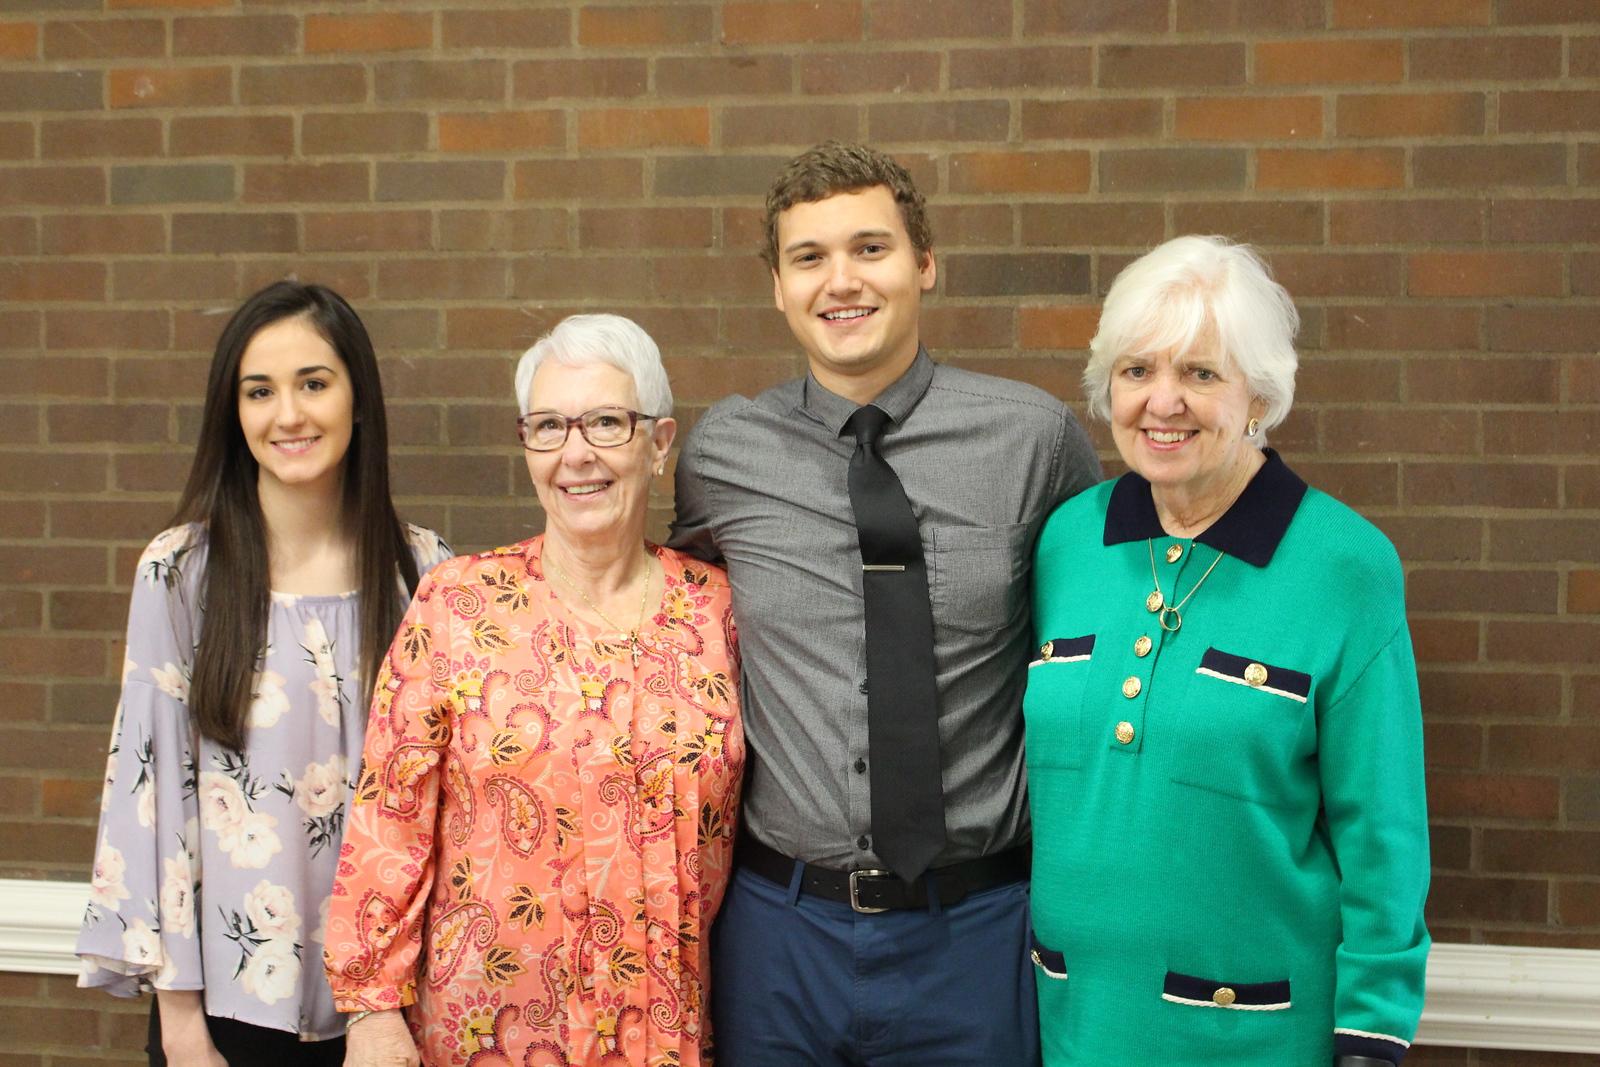 Hodges, Burlingame, Dakota and Kaylee Hartsfield